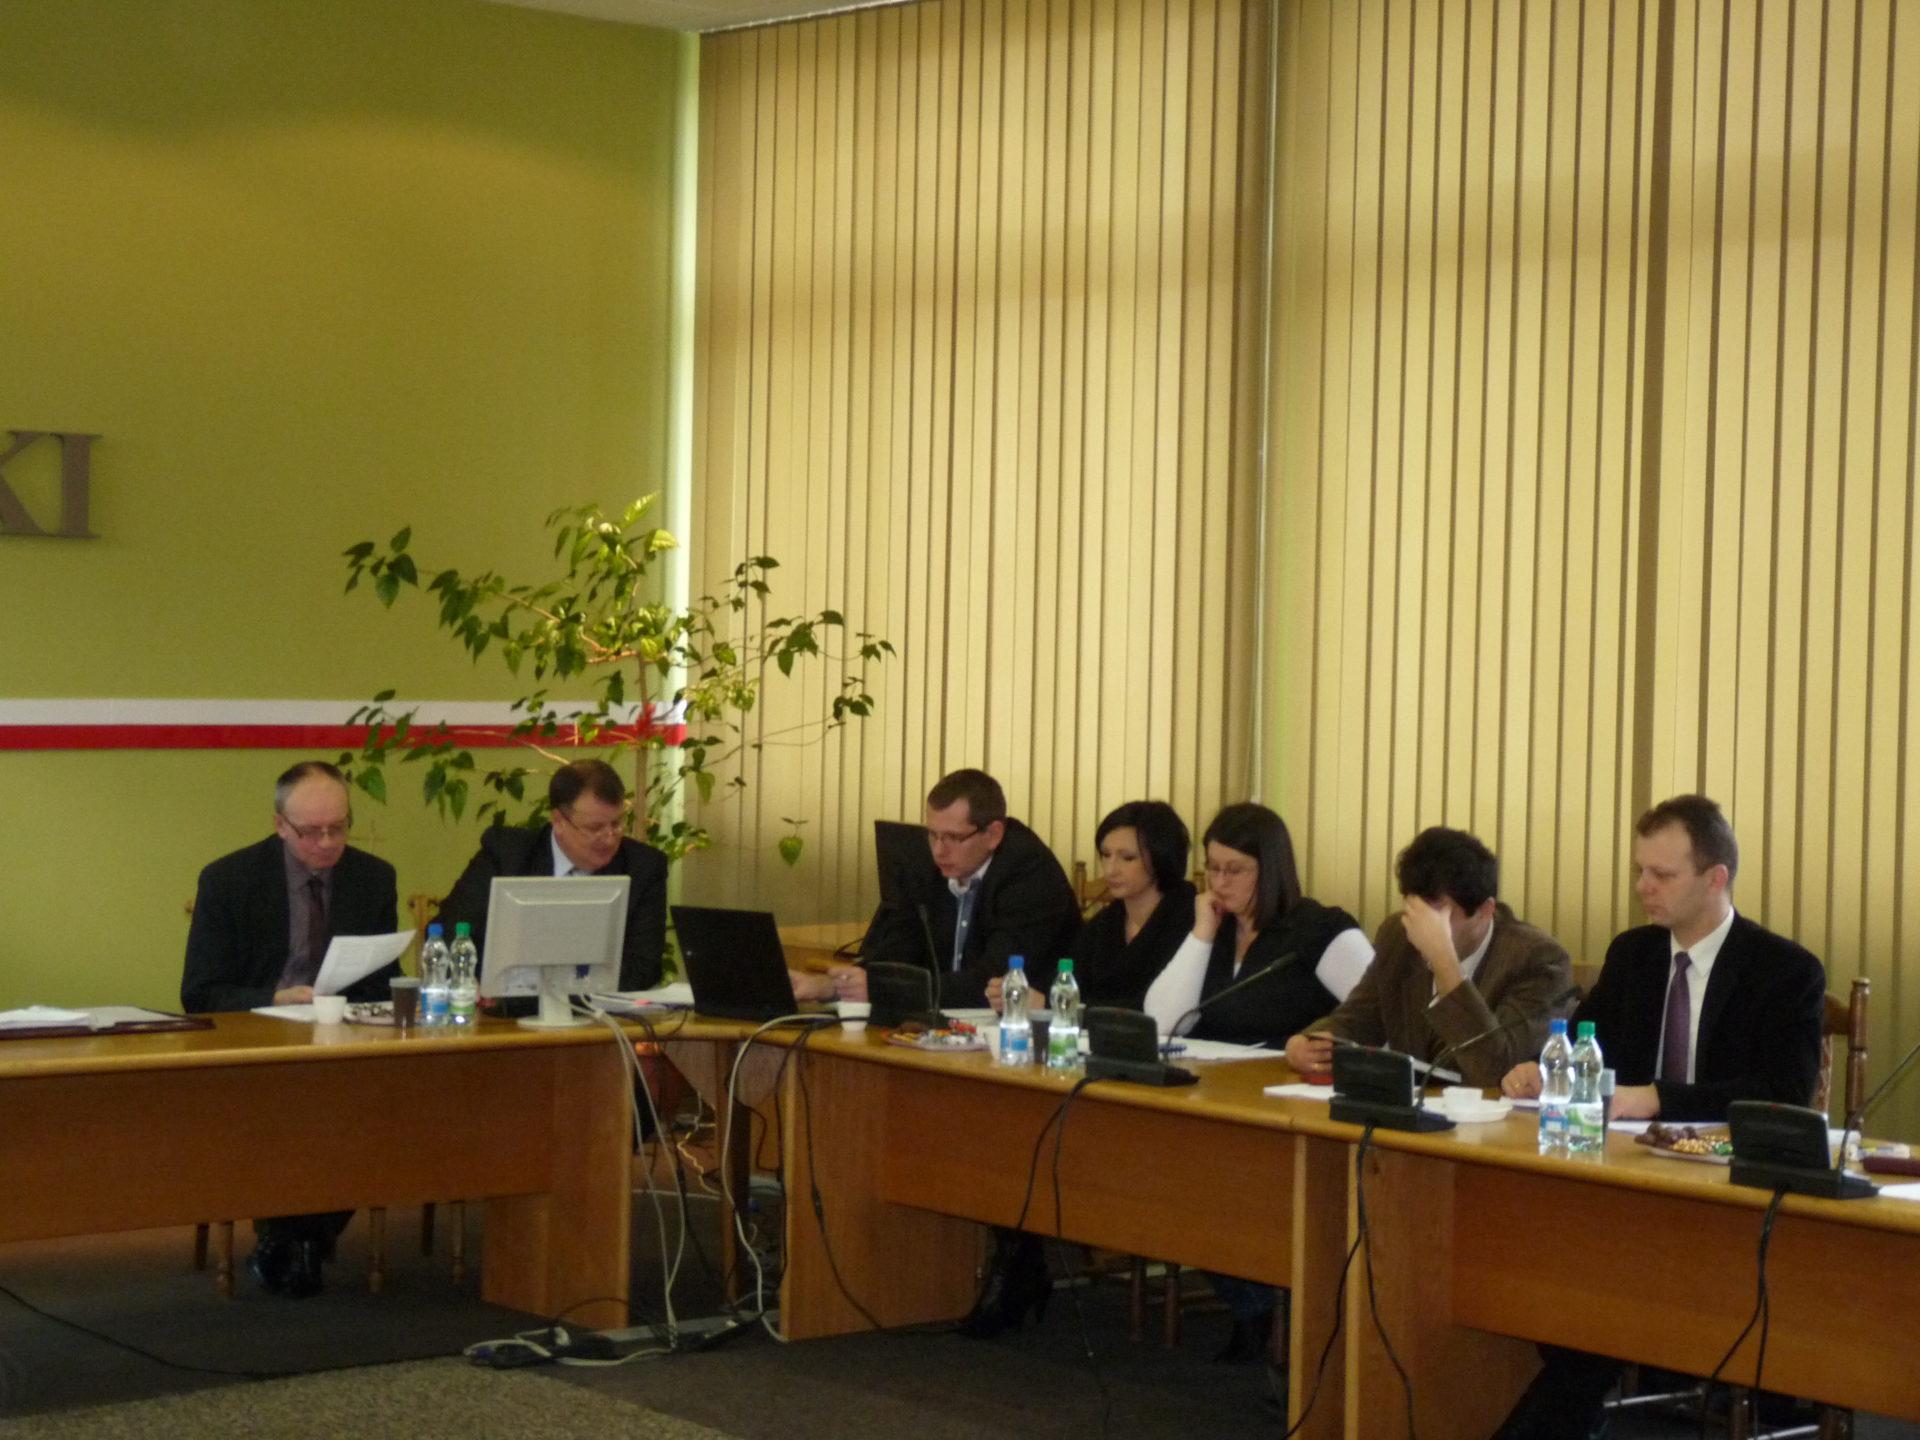 Wojewódzka Konferencja Wydziałów Komunikacji Województwa Łódzkiego w Łasku